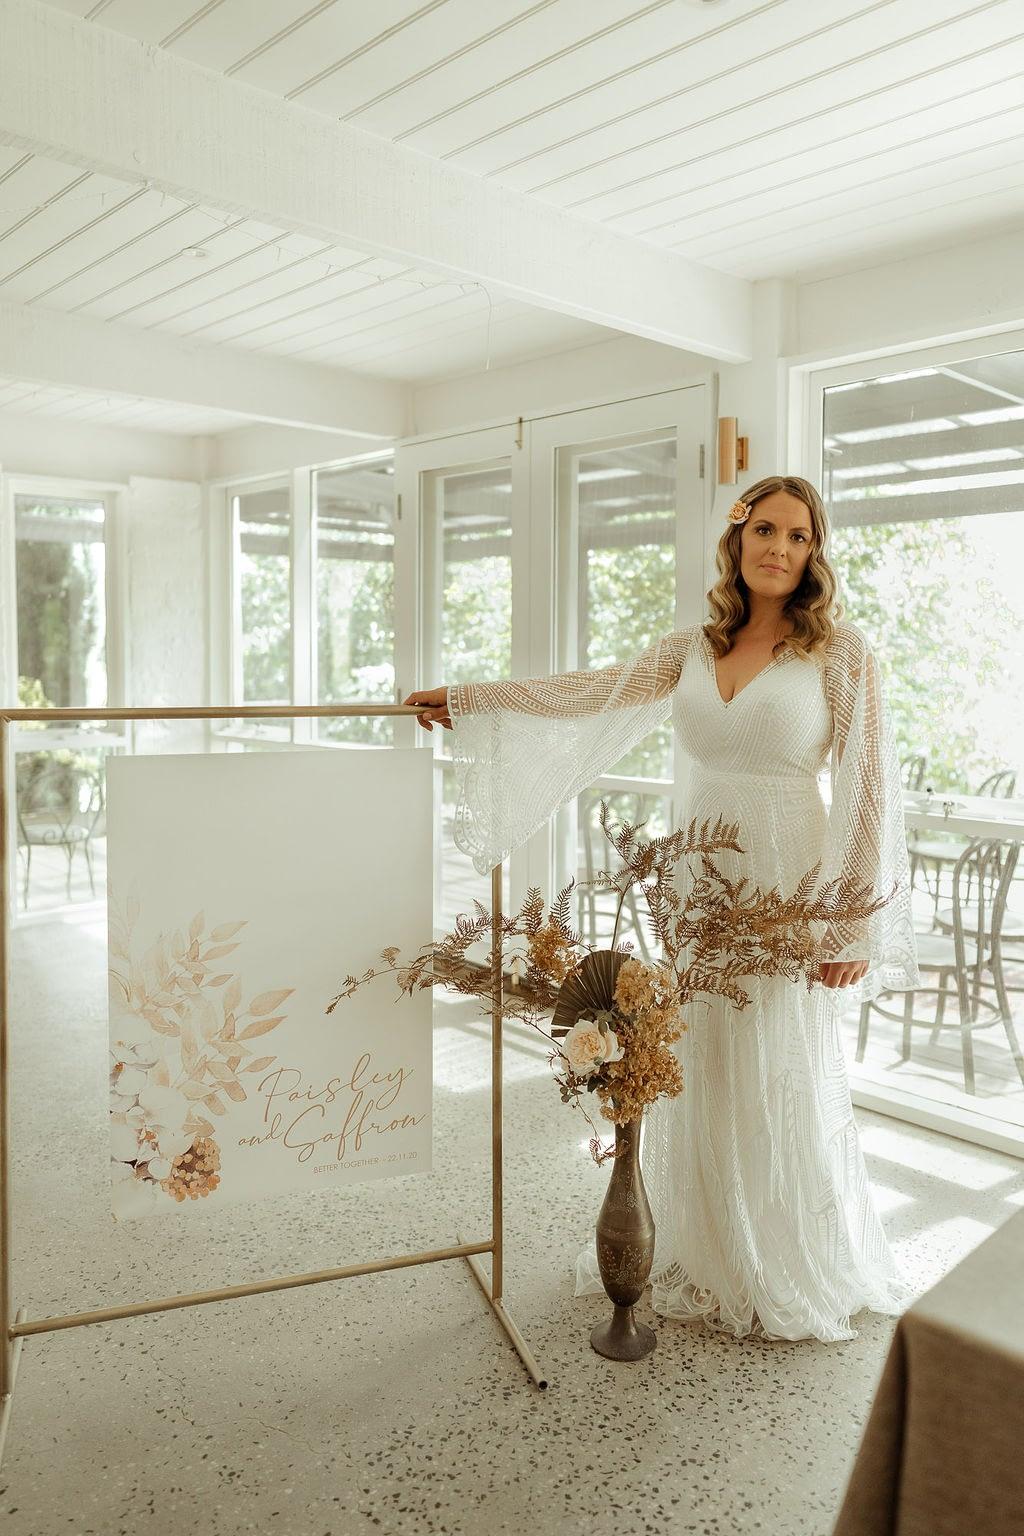 boho styled wedding at Butlers Lane Vineyard